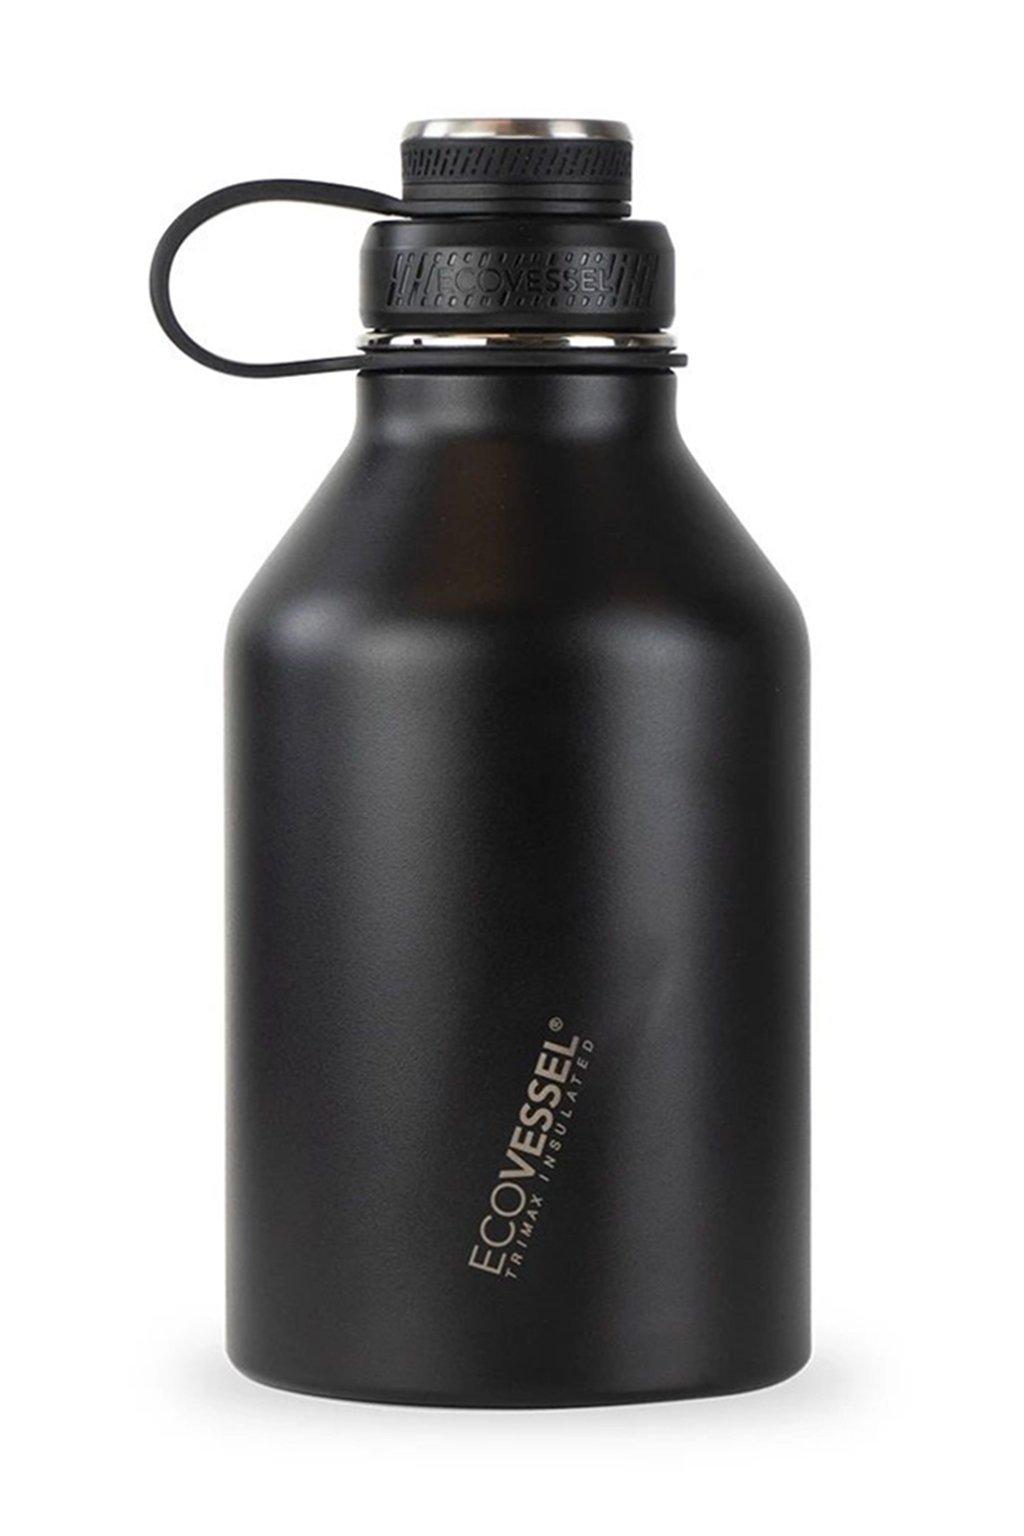 termolahev 2 litre cerna